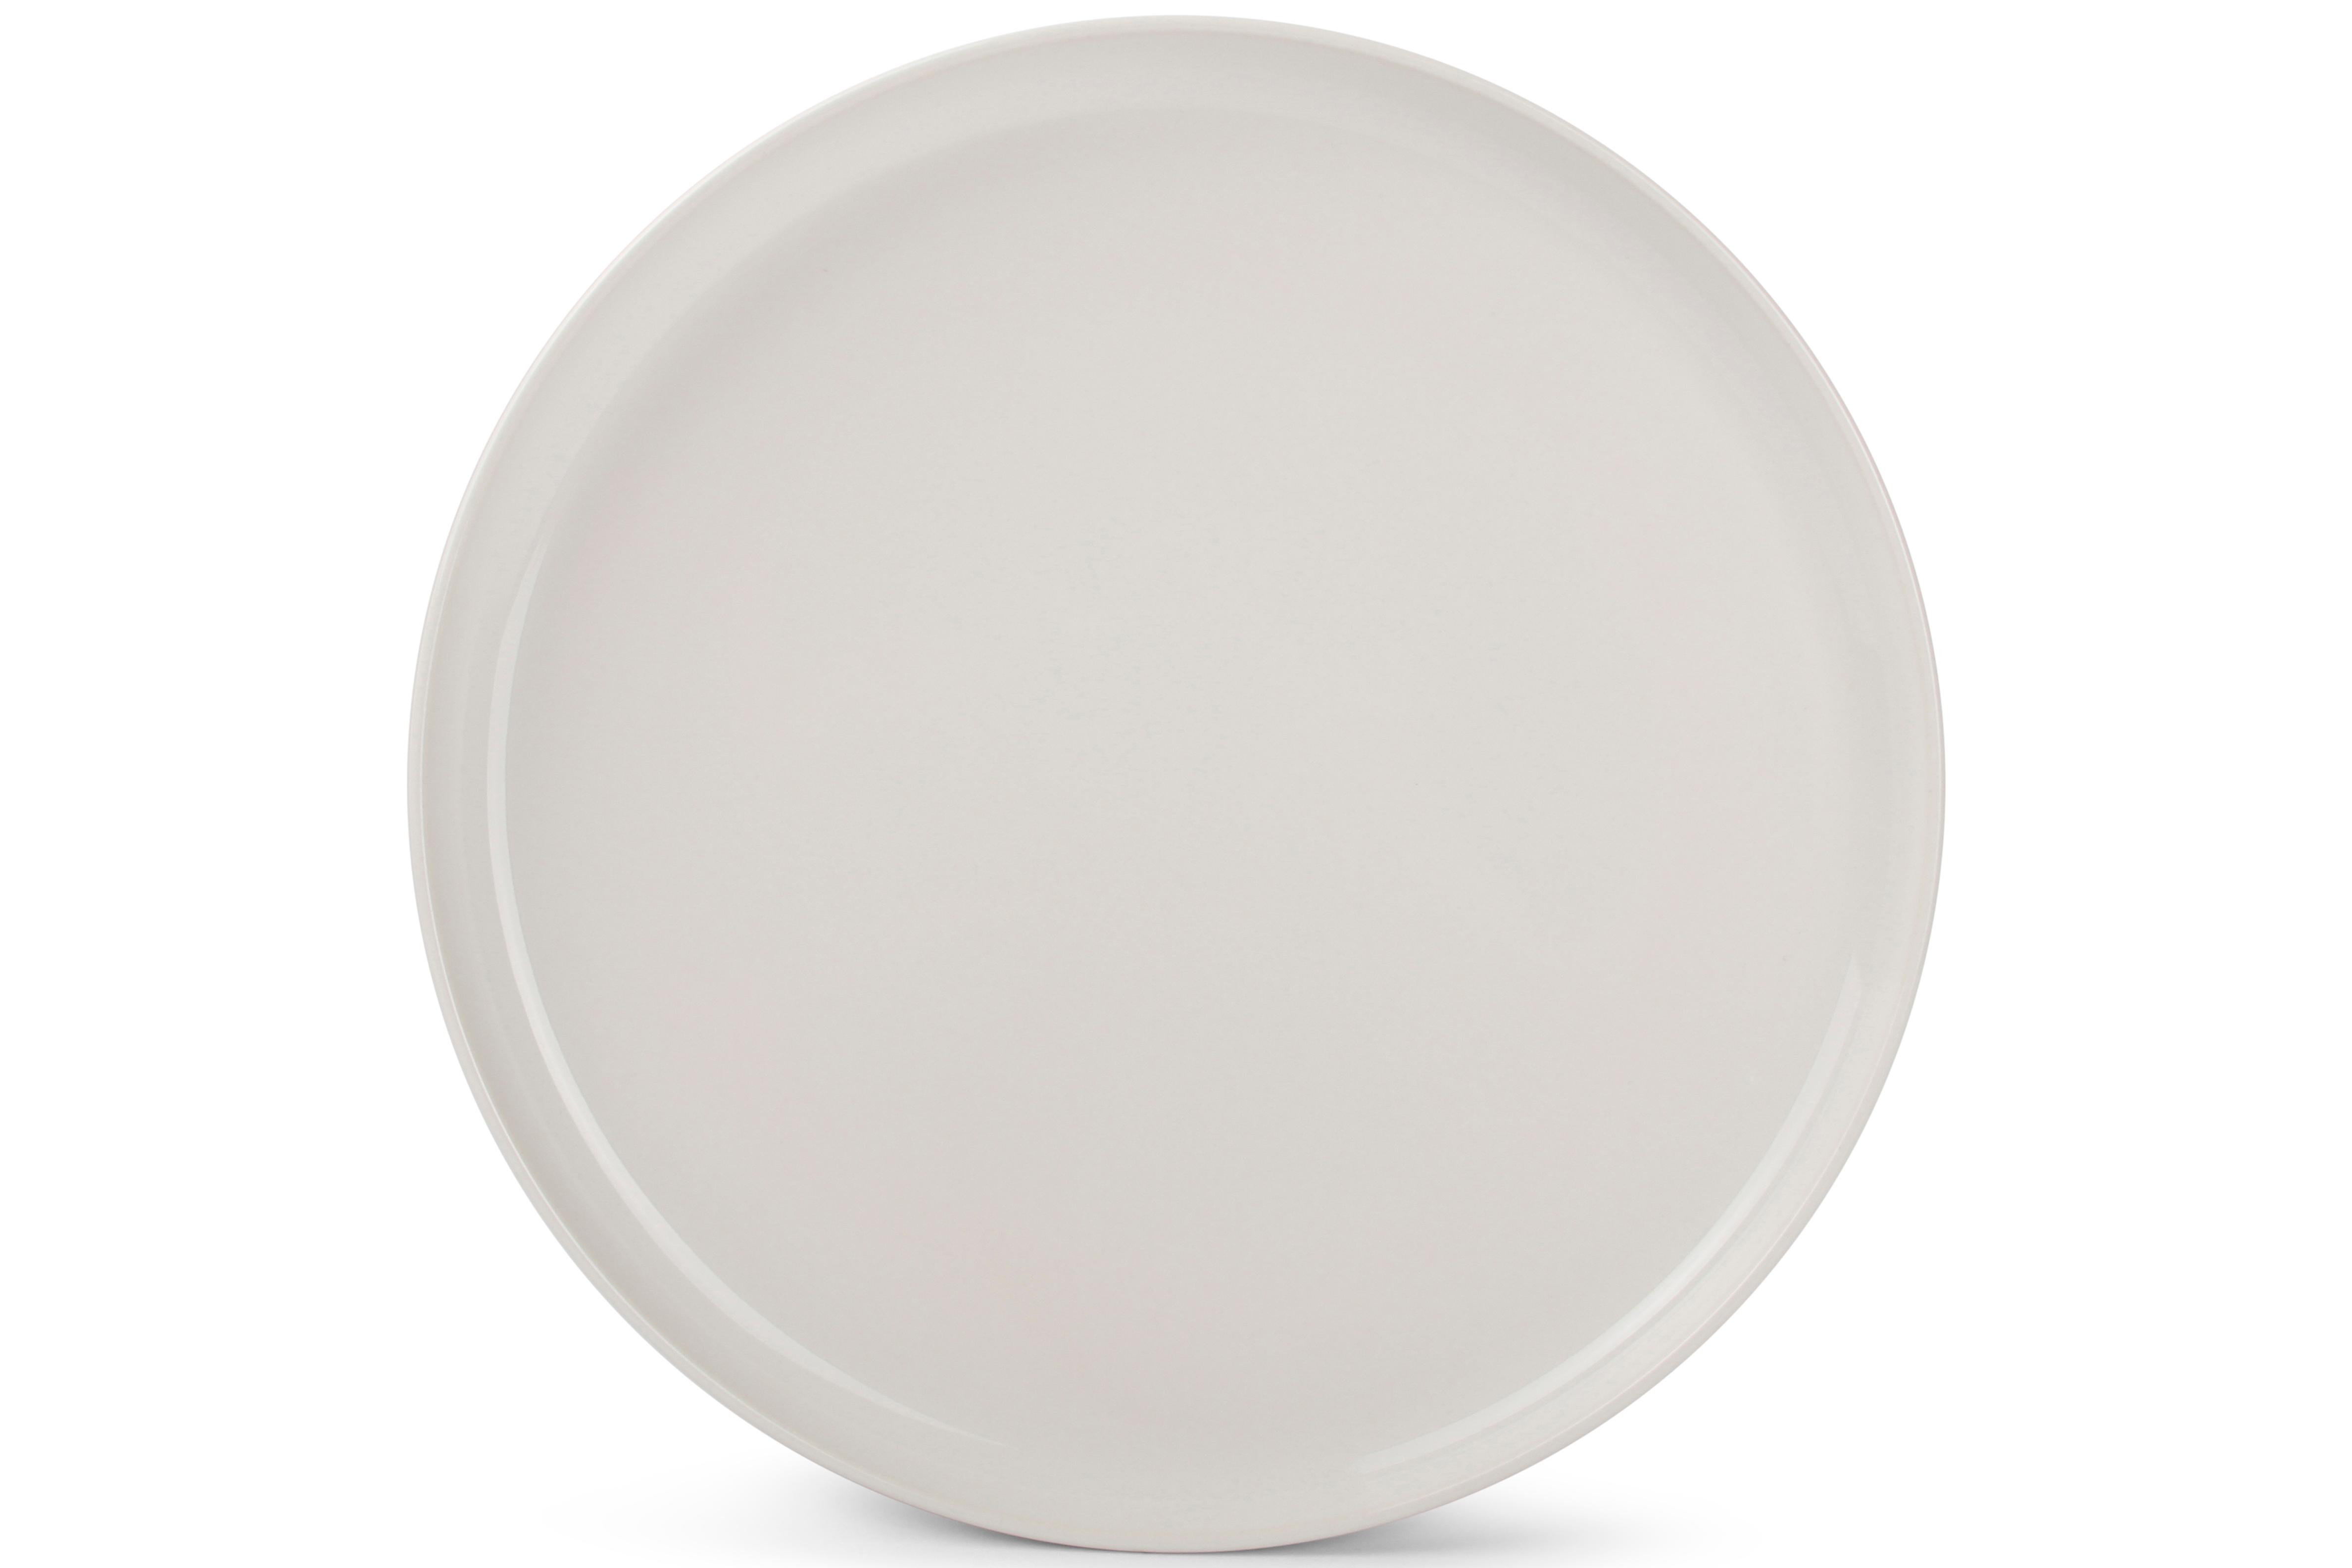 Lot de 6 - Assiette plate ivoire Ø 27cm